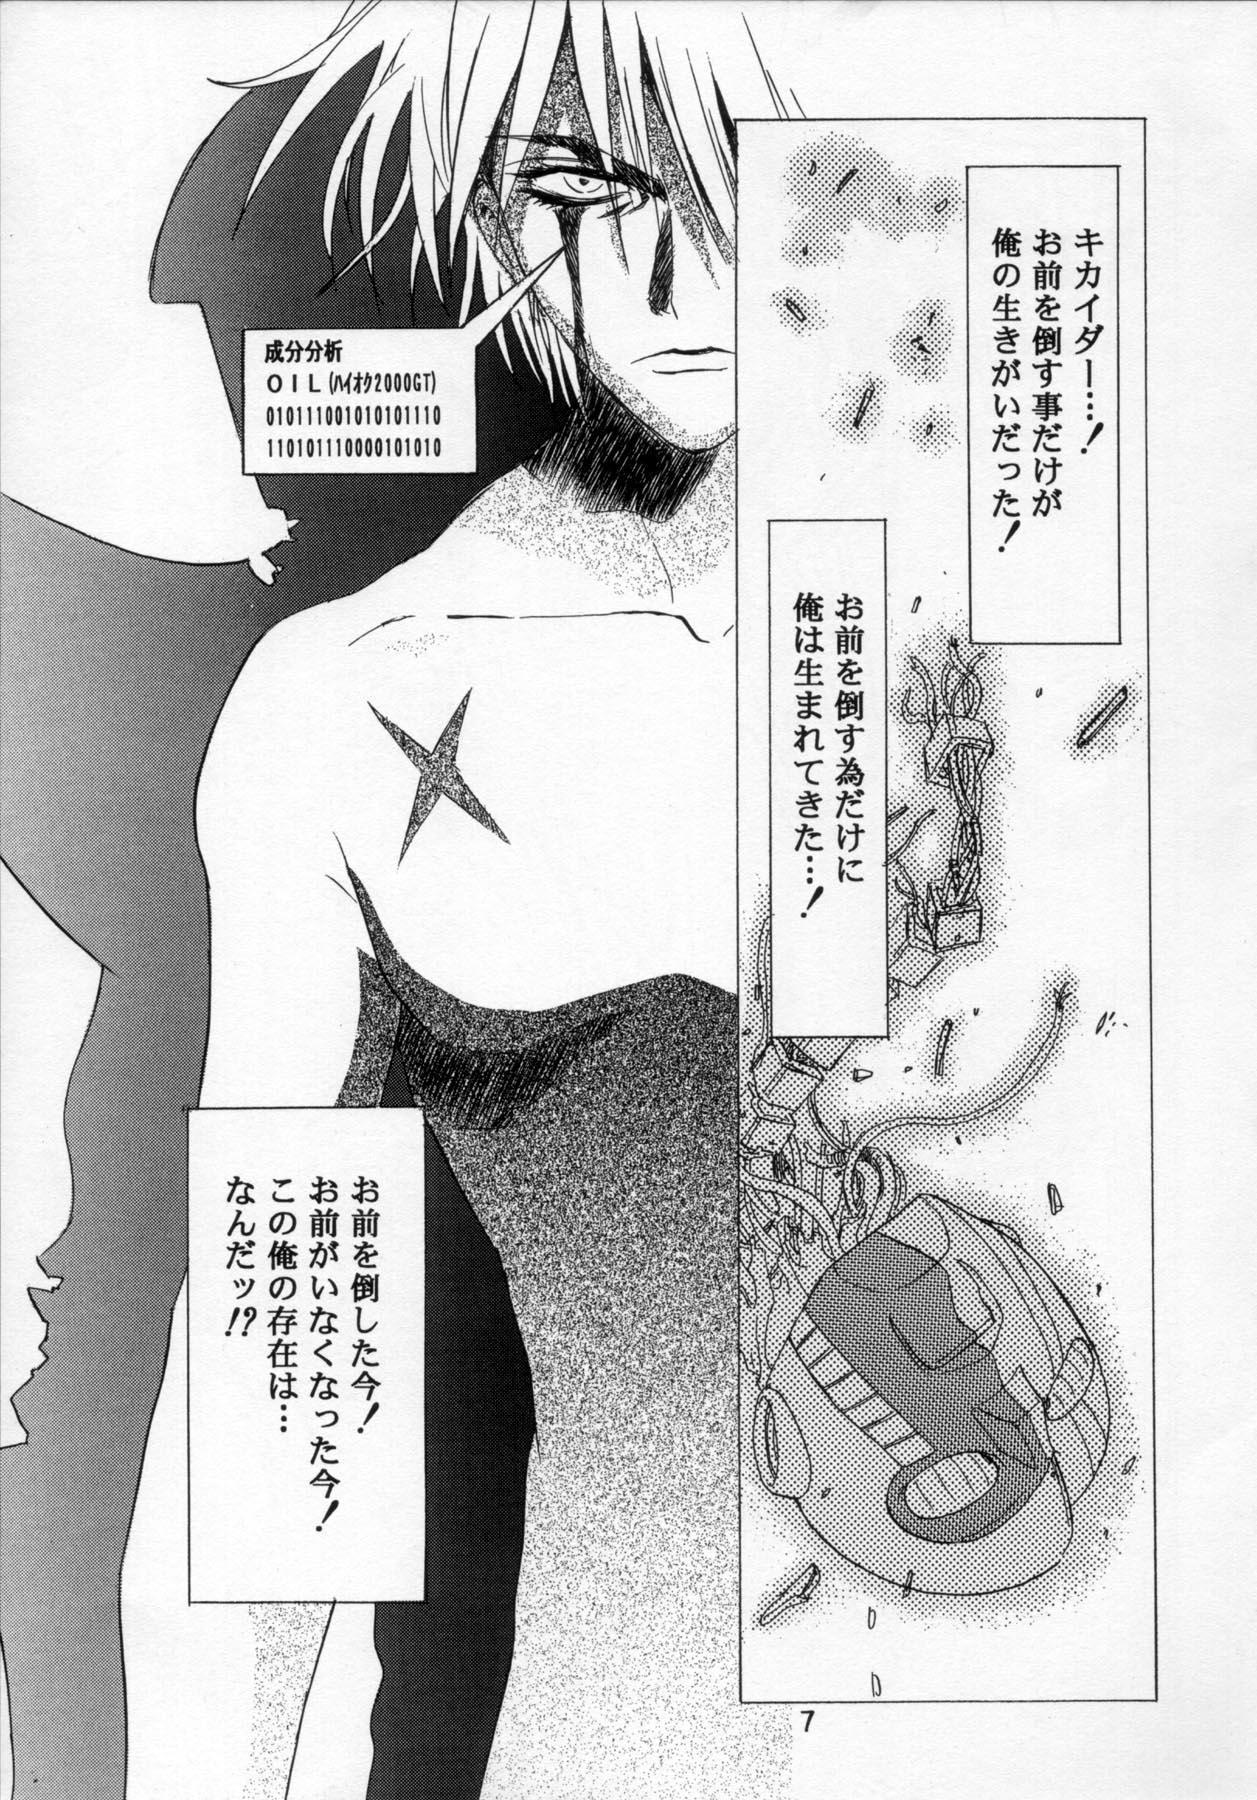 Henreikai '98 Natsu SPECIAL 7